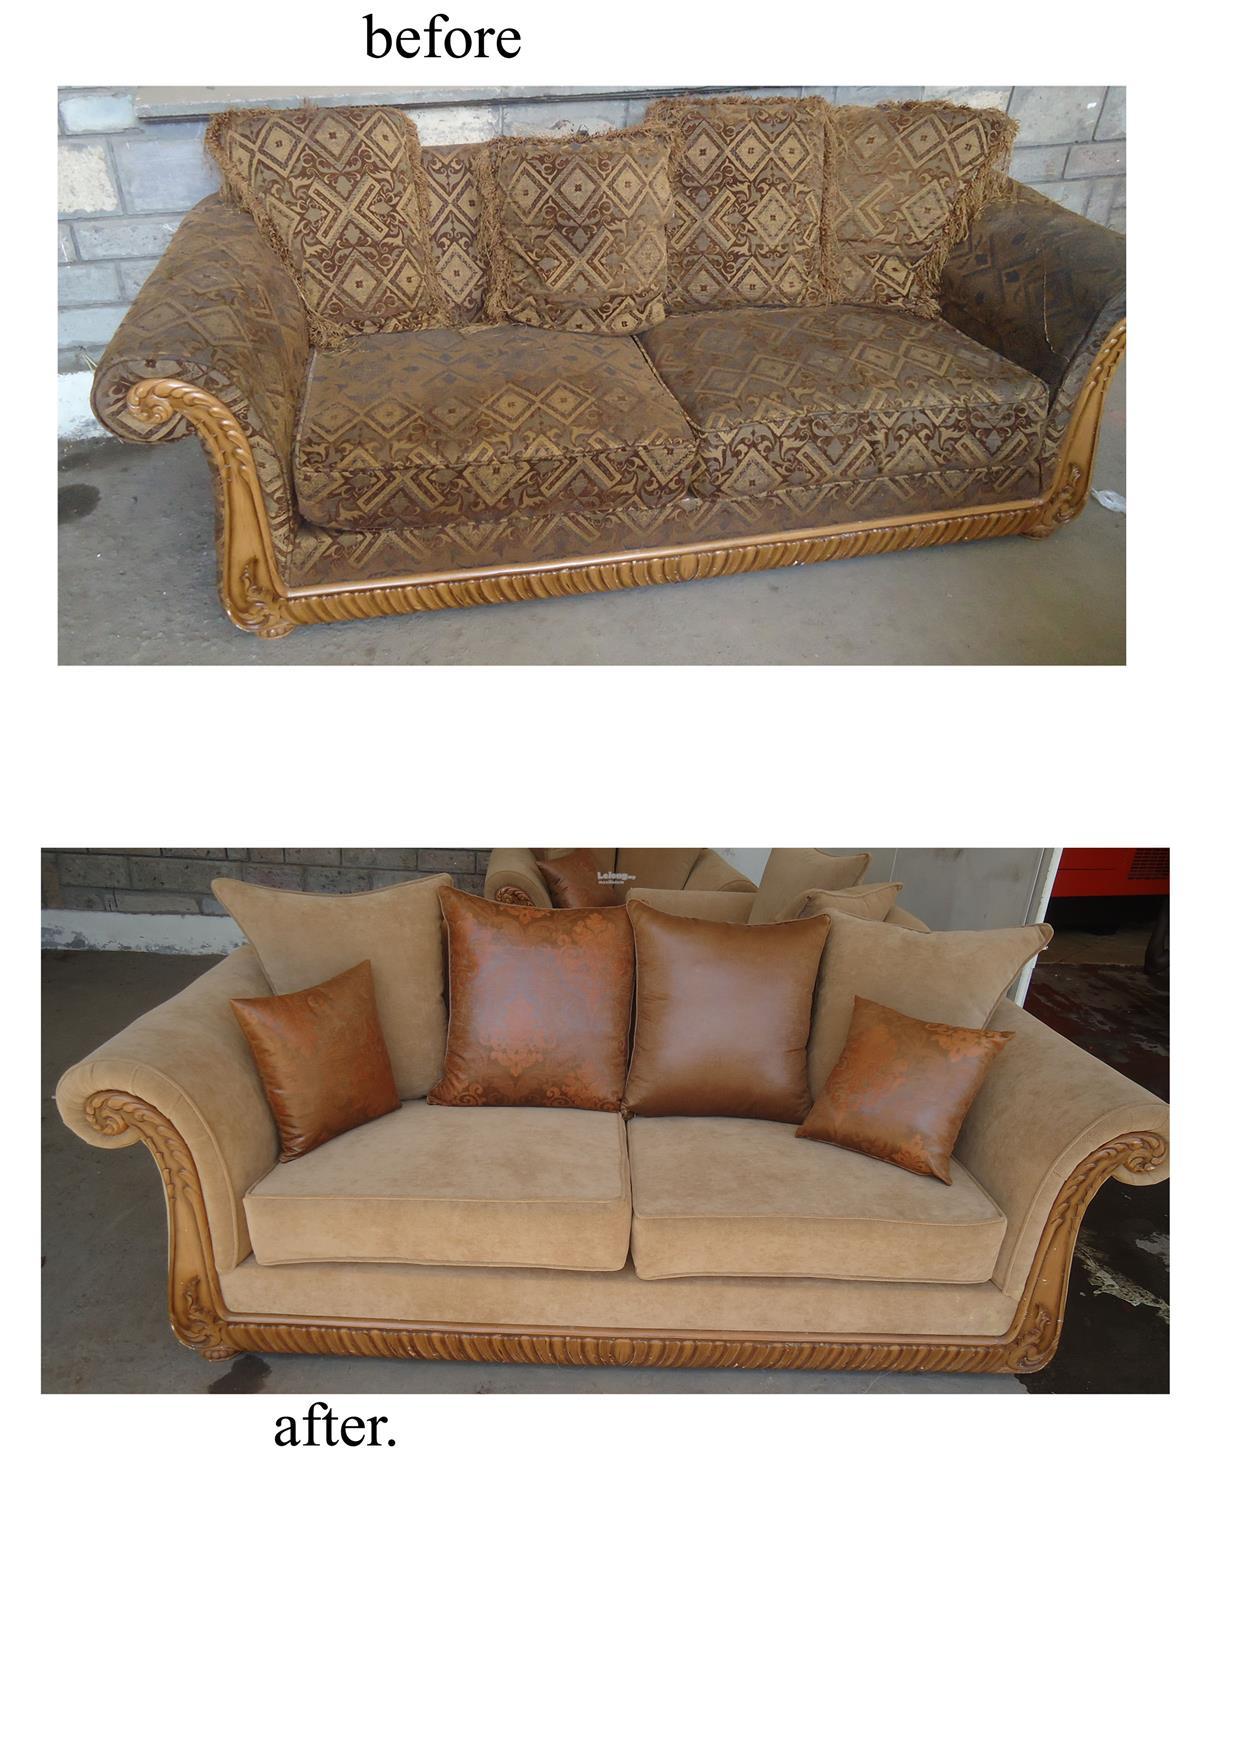 Sofa refurbish repair renew reupho end 8 8 2017 6 15 AM